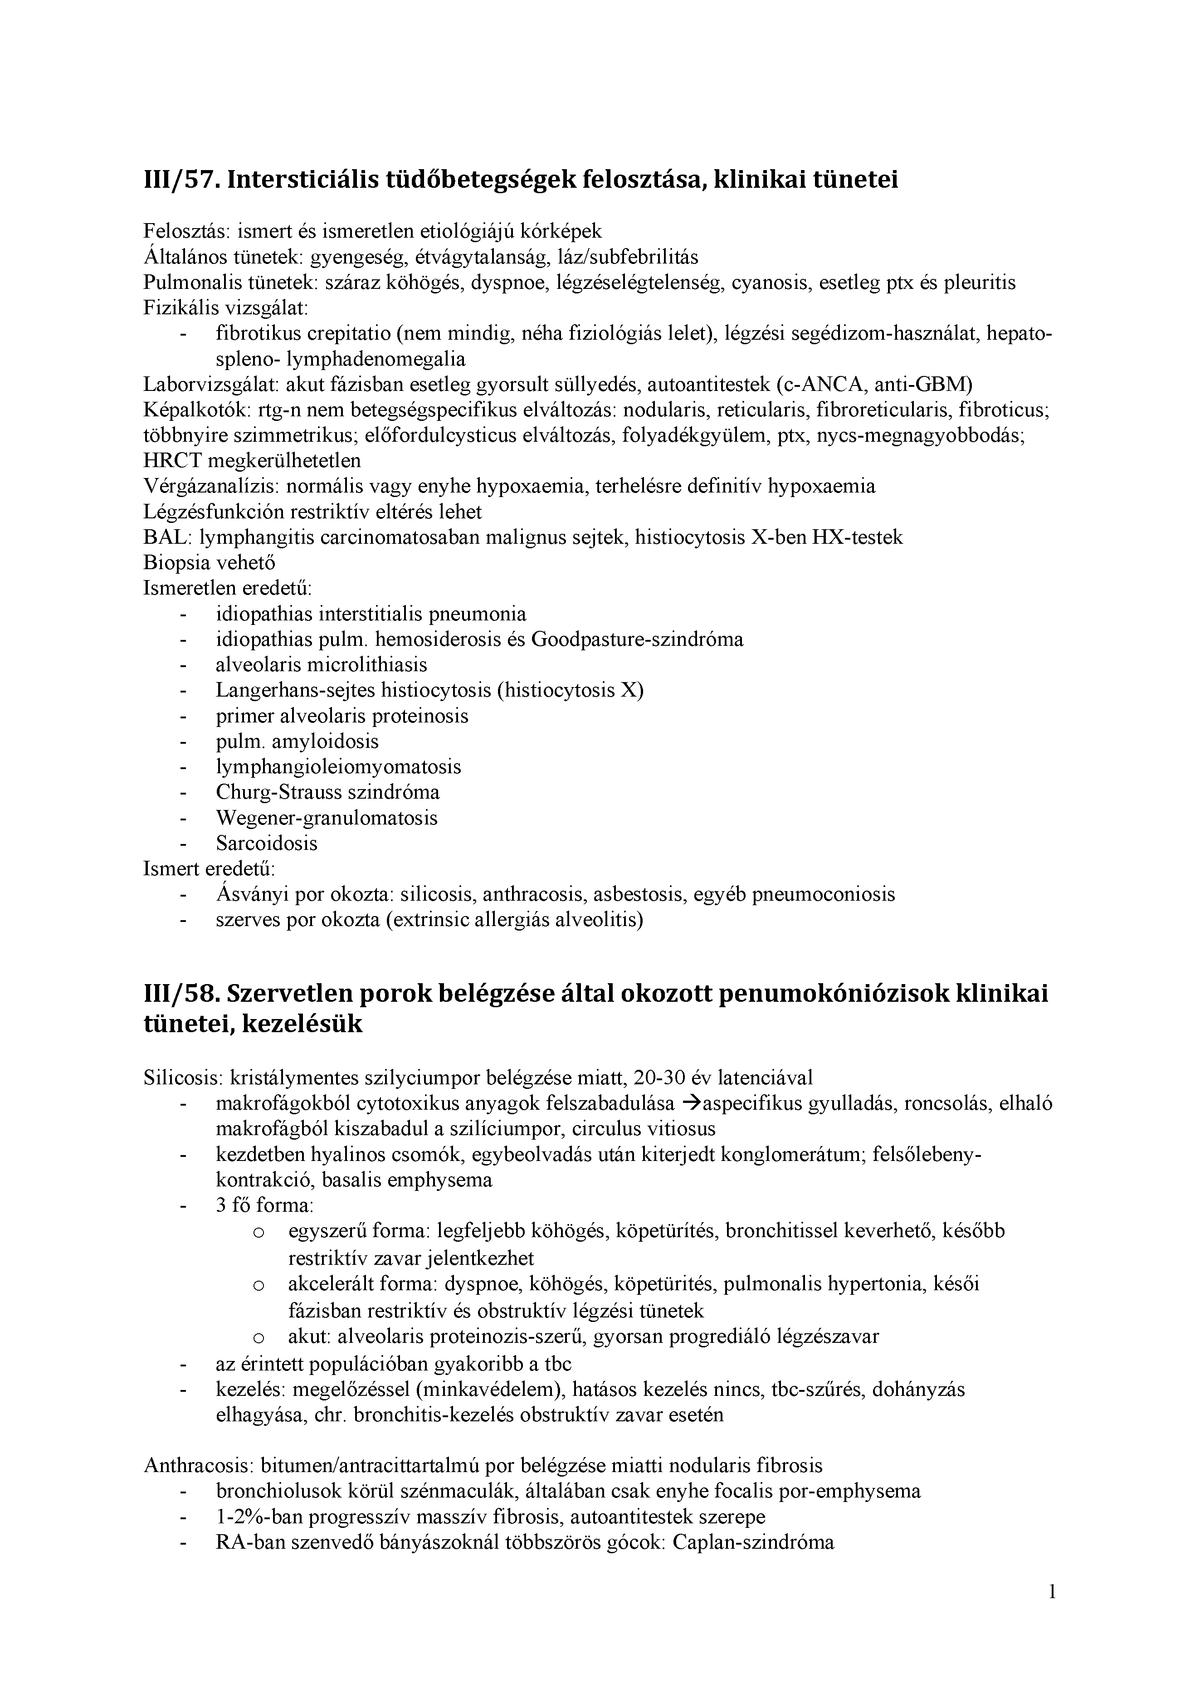 Ascaris légzőszervek